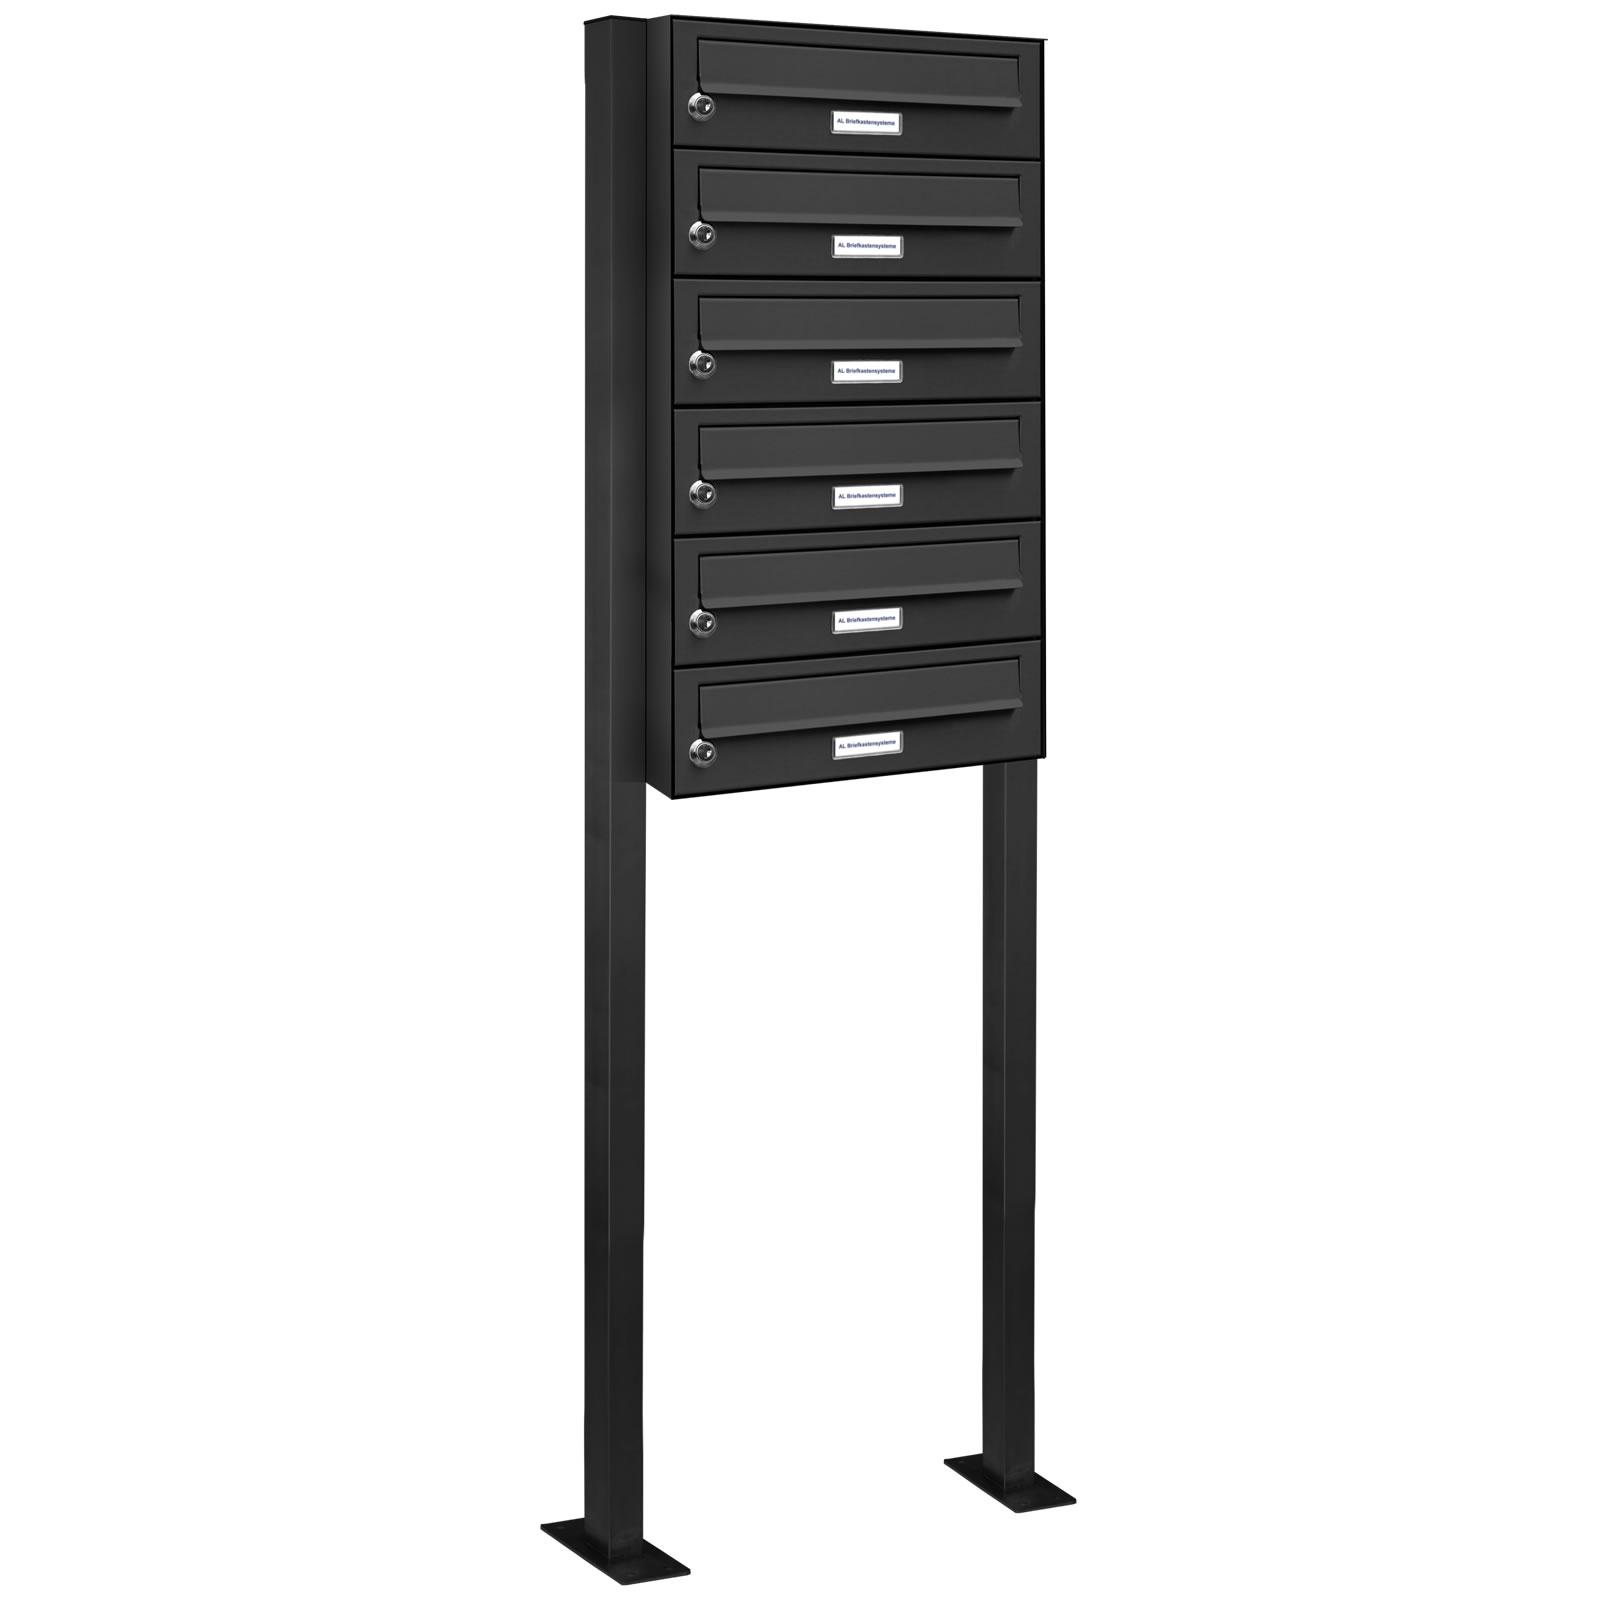 6er standbriefkasten anlage freistehend ral 7016 anthrazit ebay. Black Bedroom Furniture Sets. Home Design Ideas